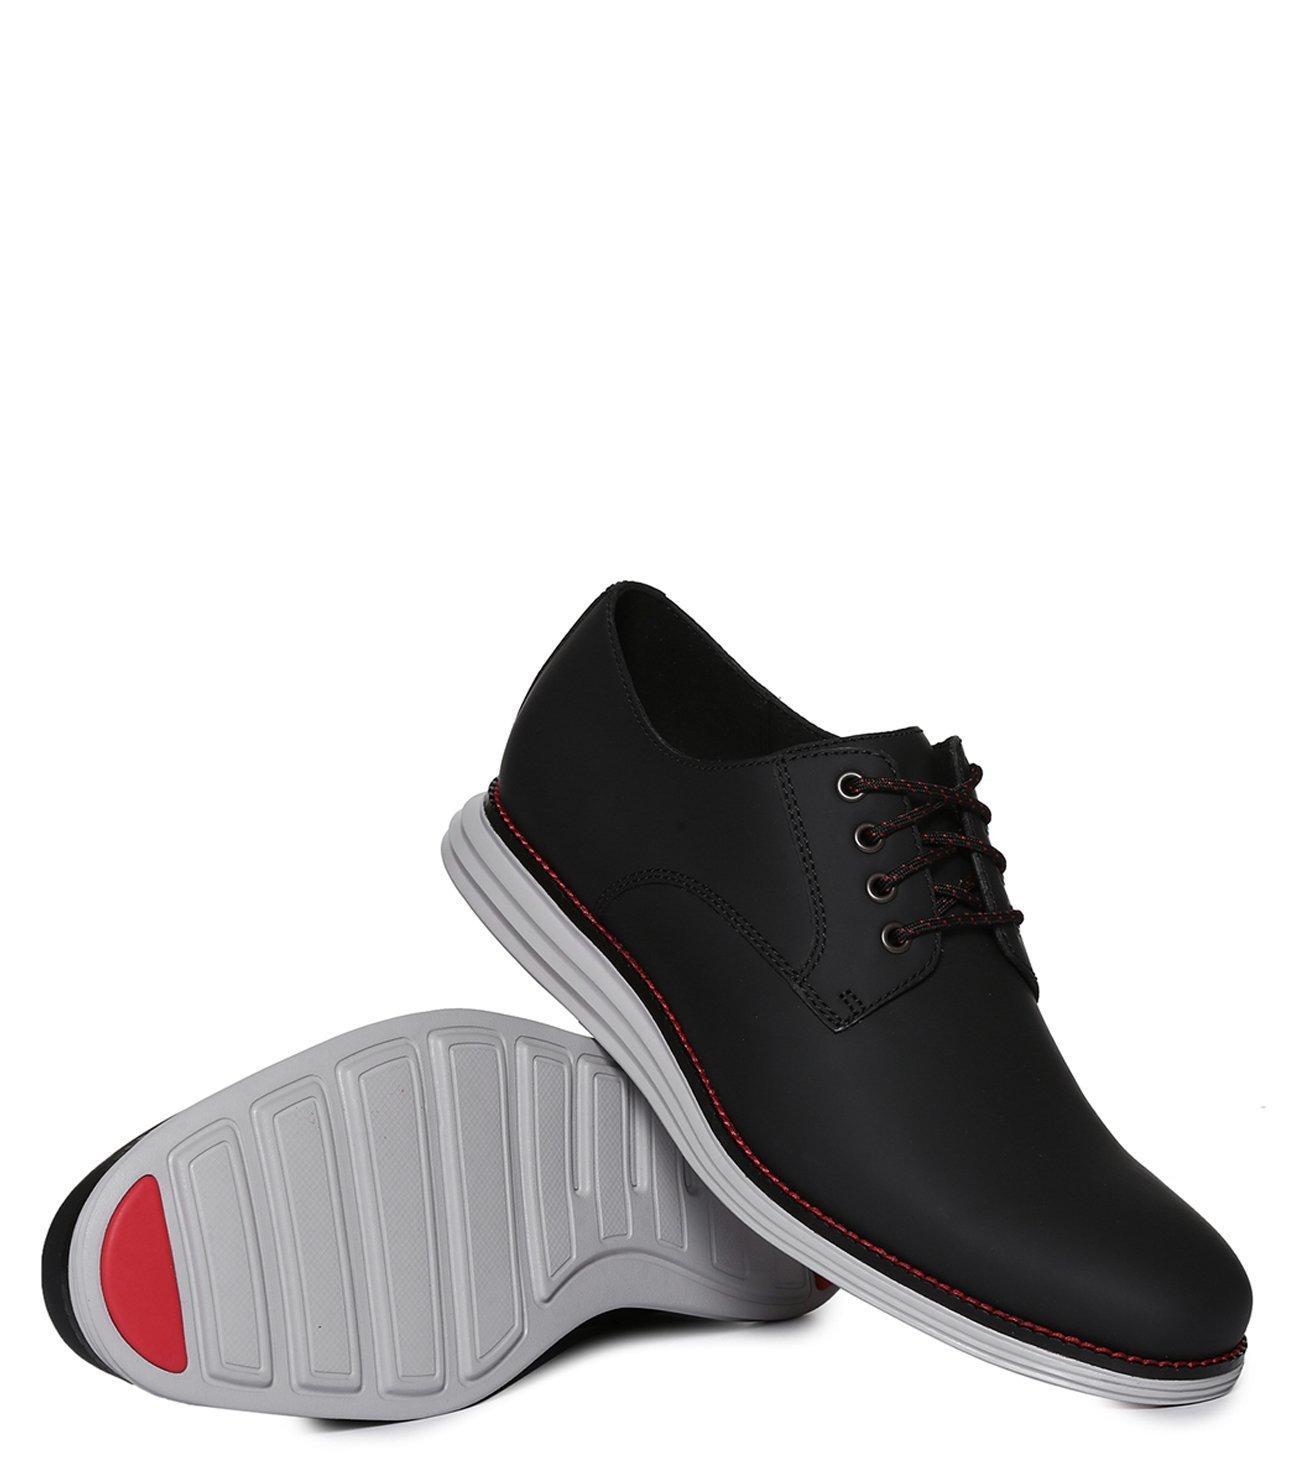 Original Grand Plain Toe Sneakers